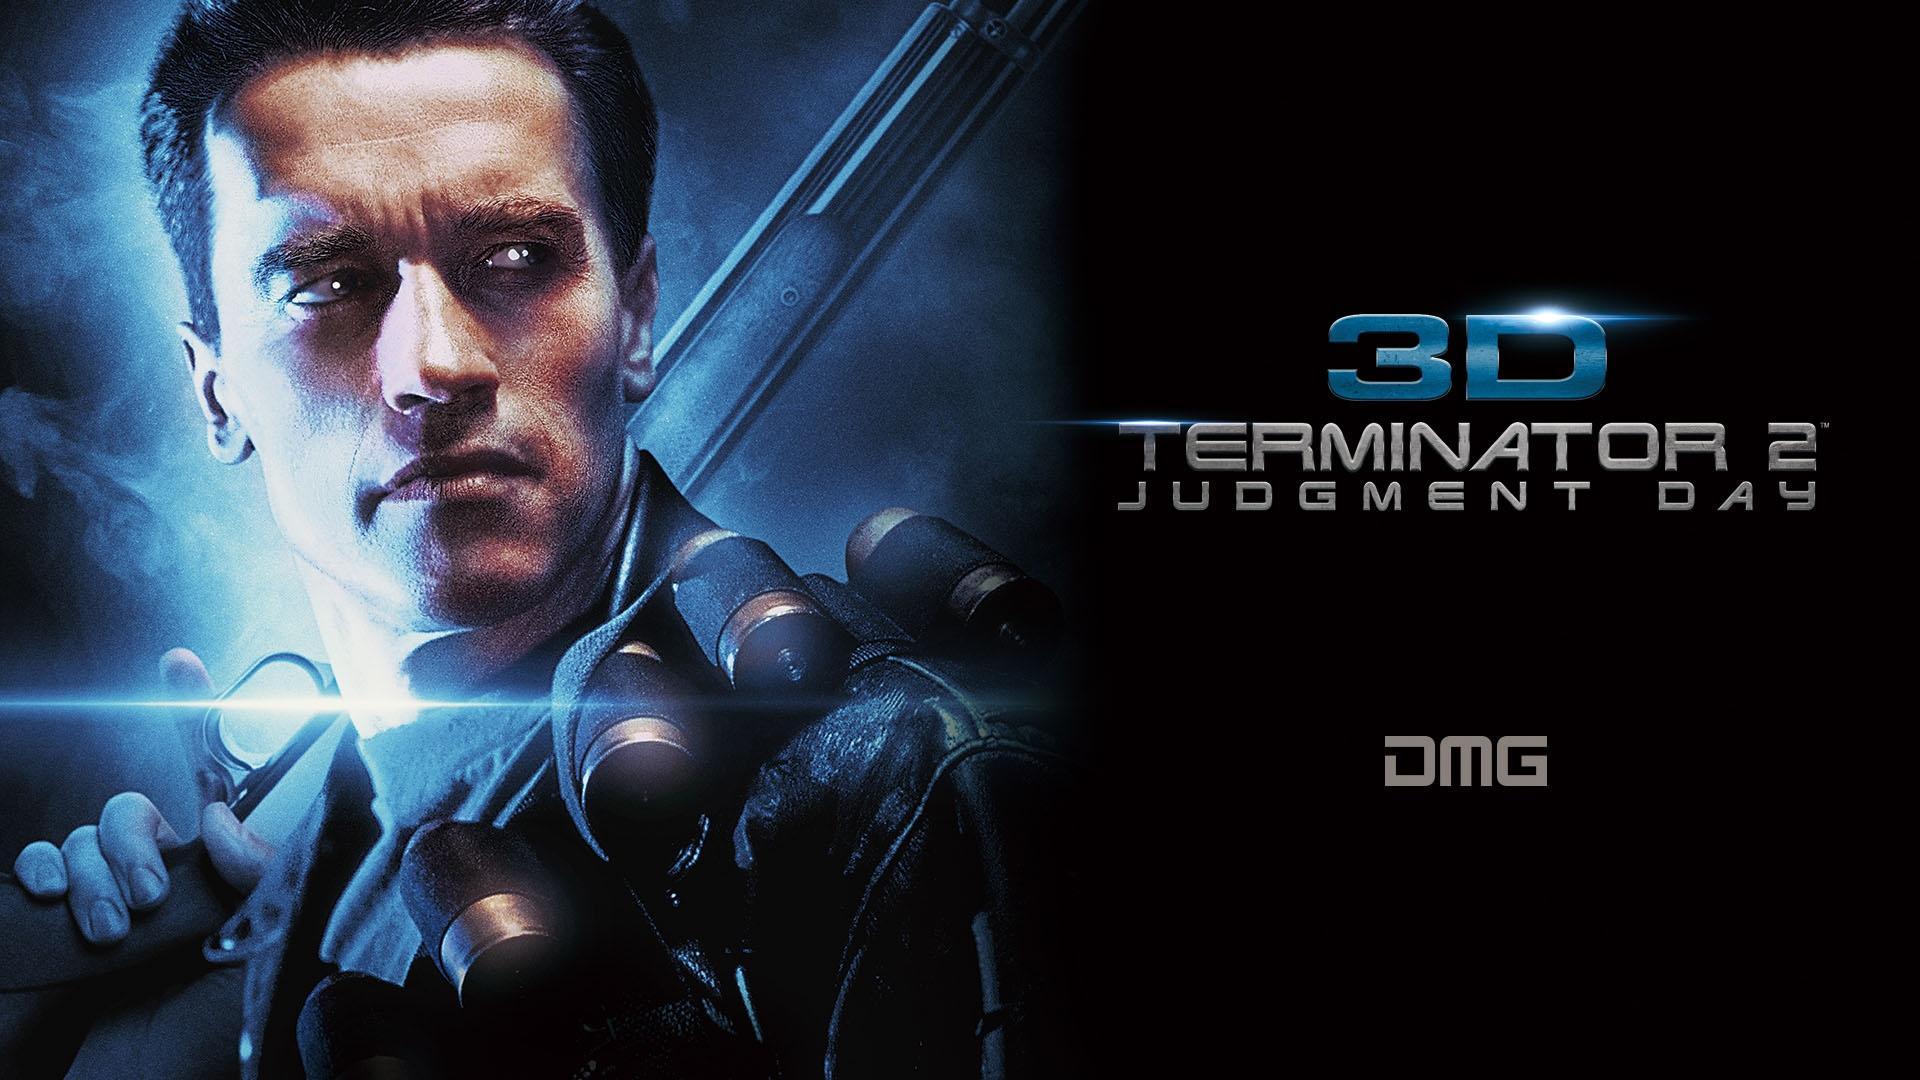 Terminator 2 Judgment Day Wallpapers 2020   Broken Panda 1920x1080